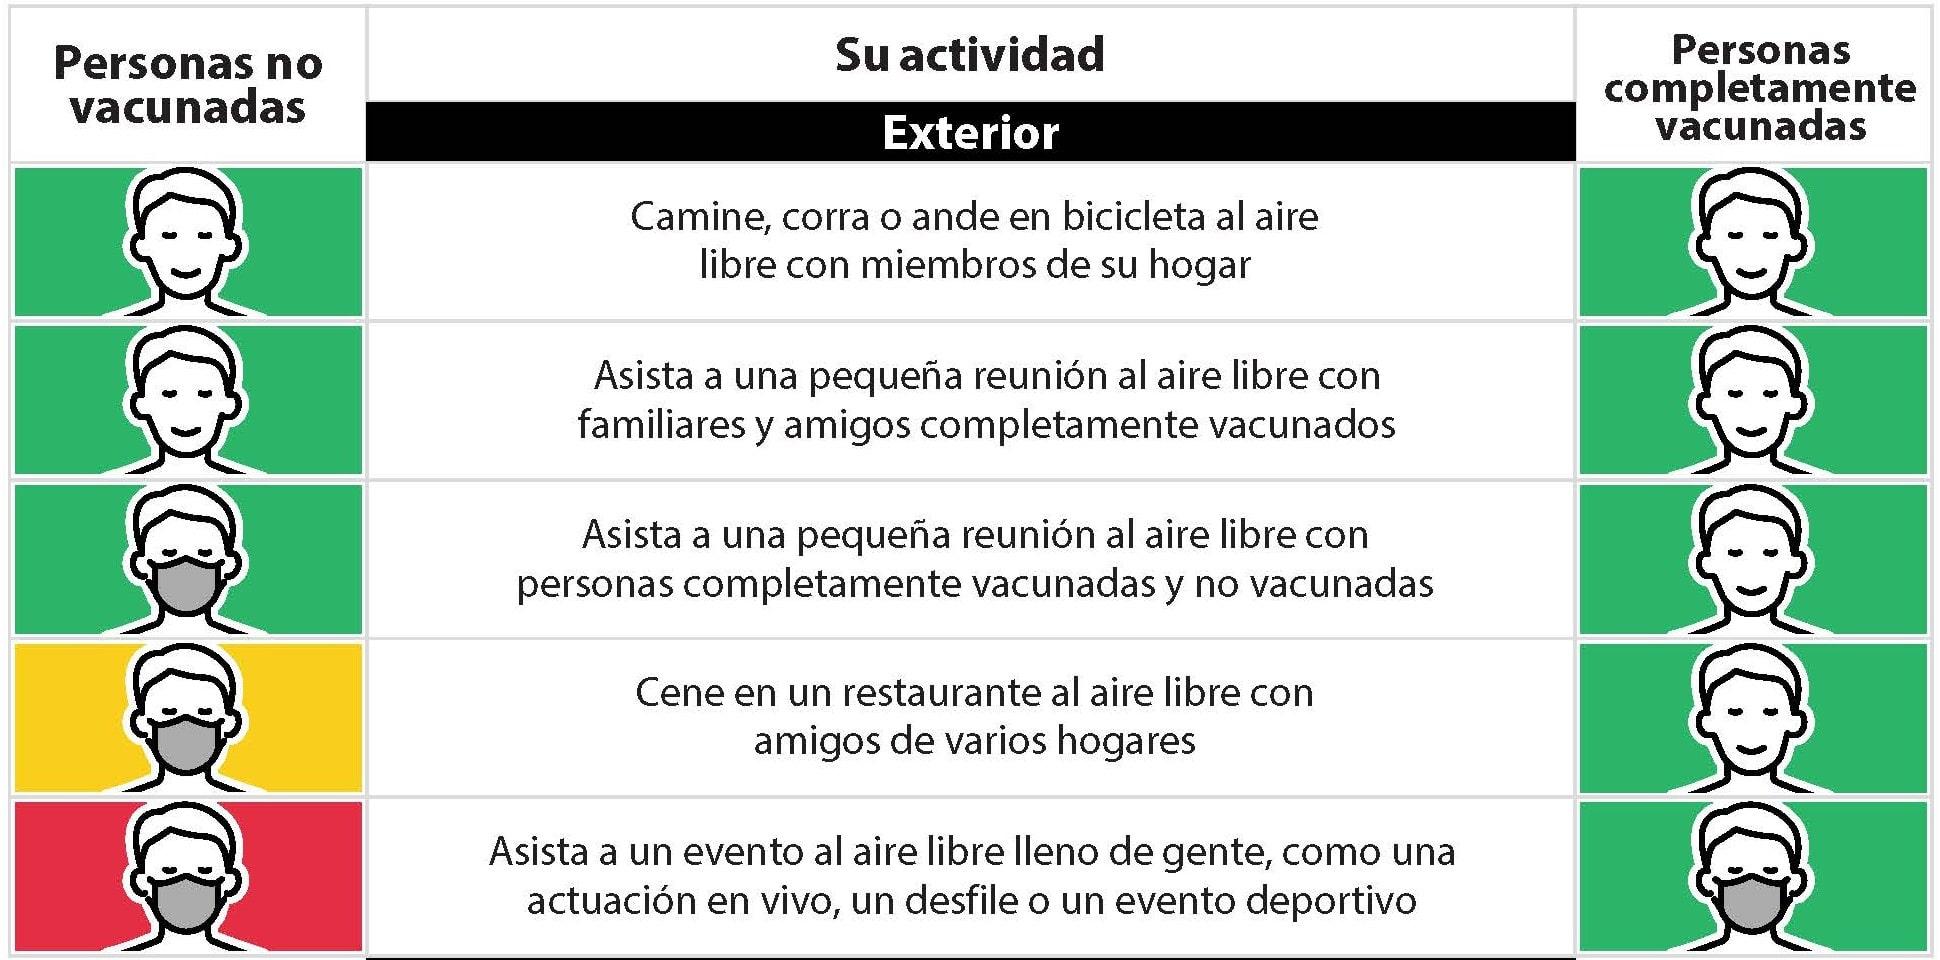 reglas sobre cubrebocas para las personas completamente vacunadas